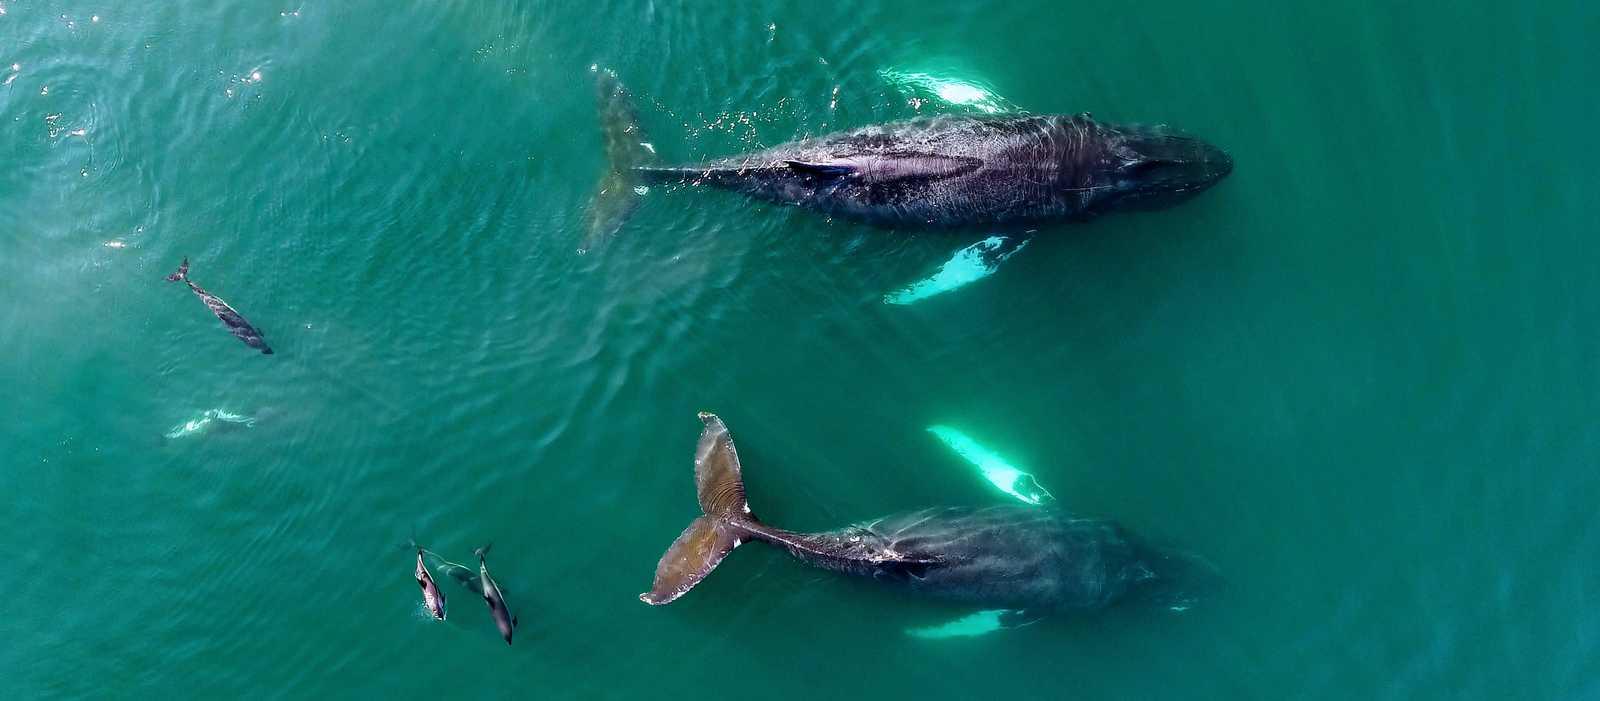 Wale und Delfine an der Küste der kanadischen Provinz Nova Scotia